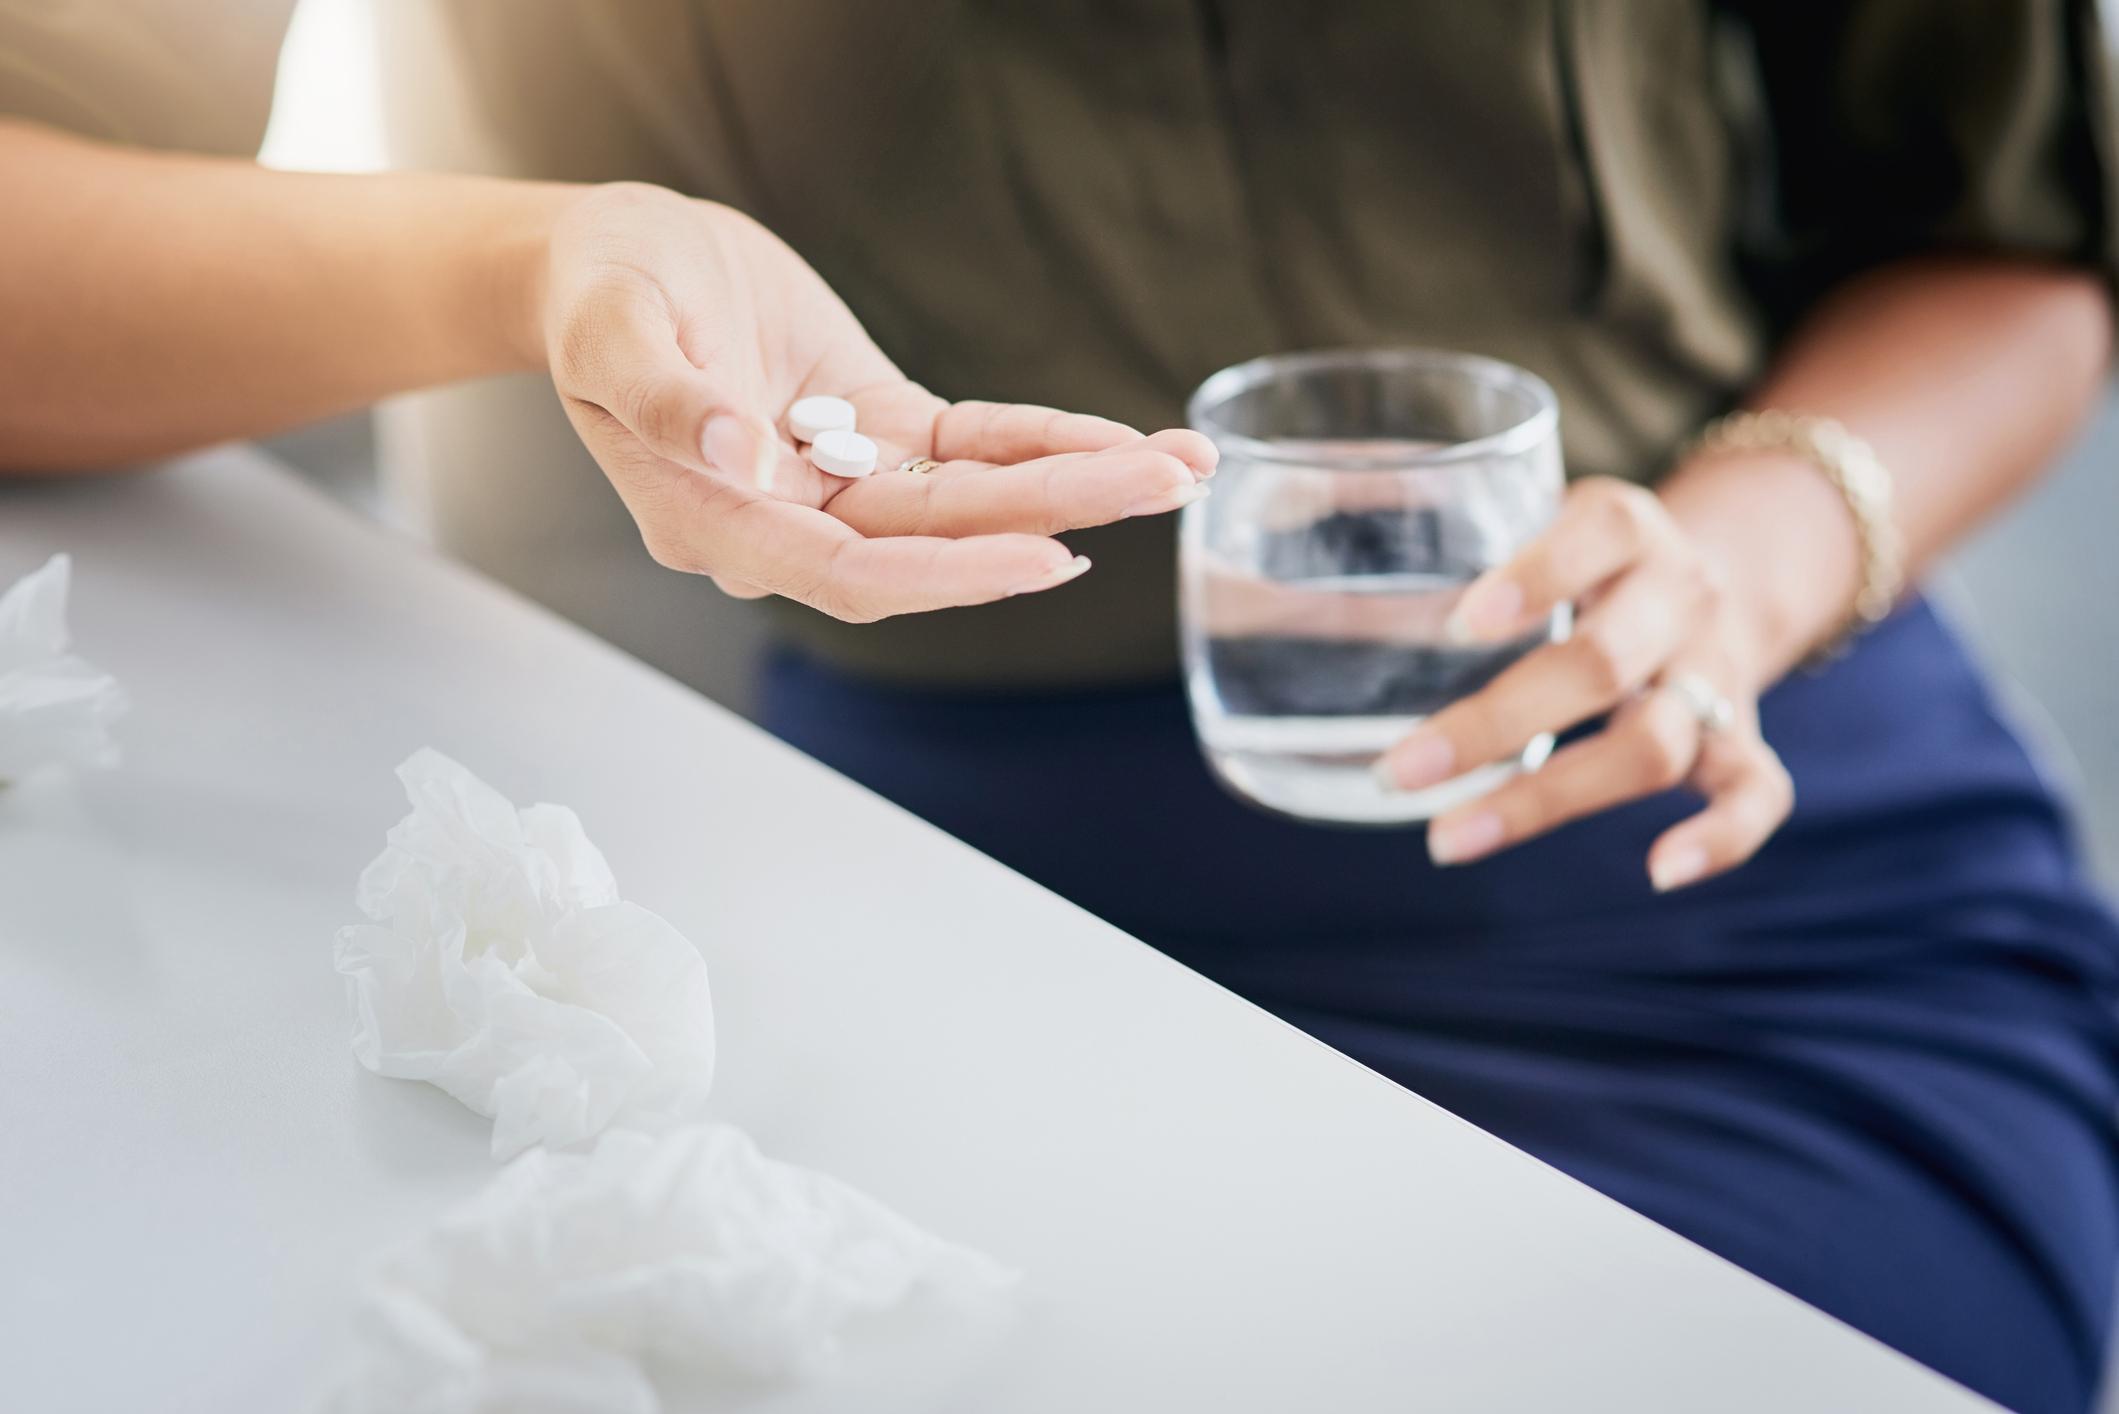 magas vérnyomás hidroklorotiazid mi a veszélye a tünetmentes magas vérnyomásnak